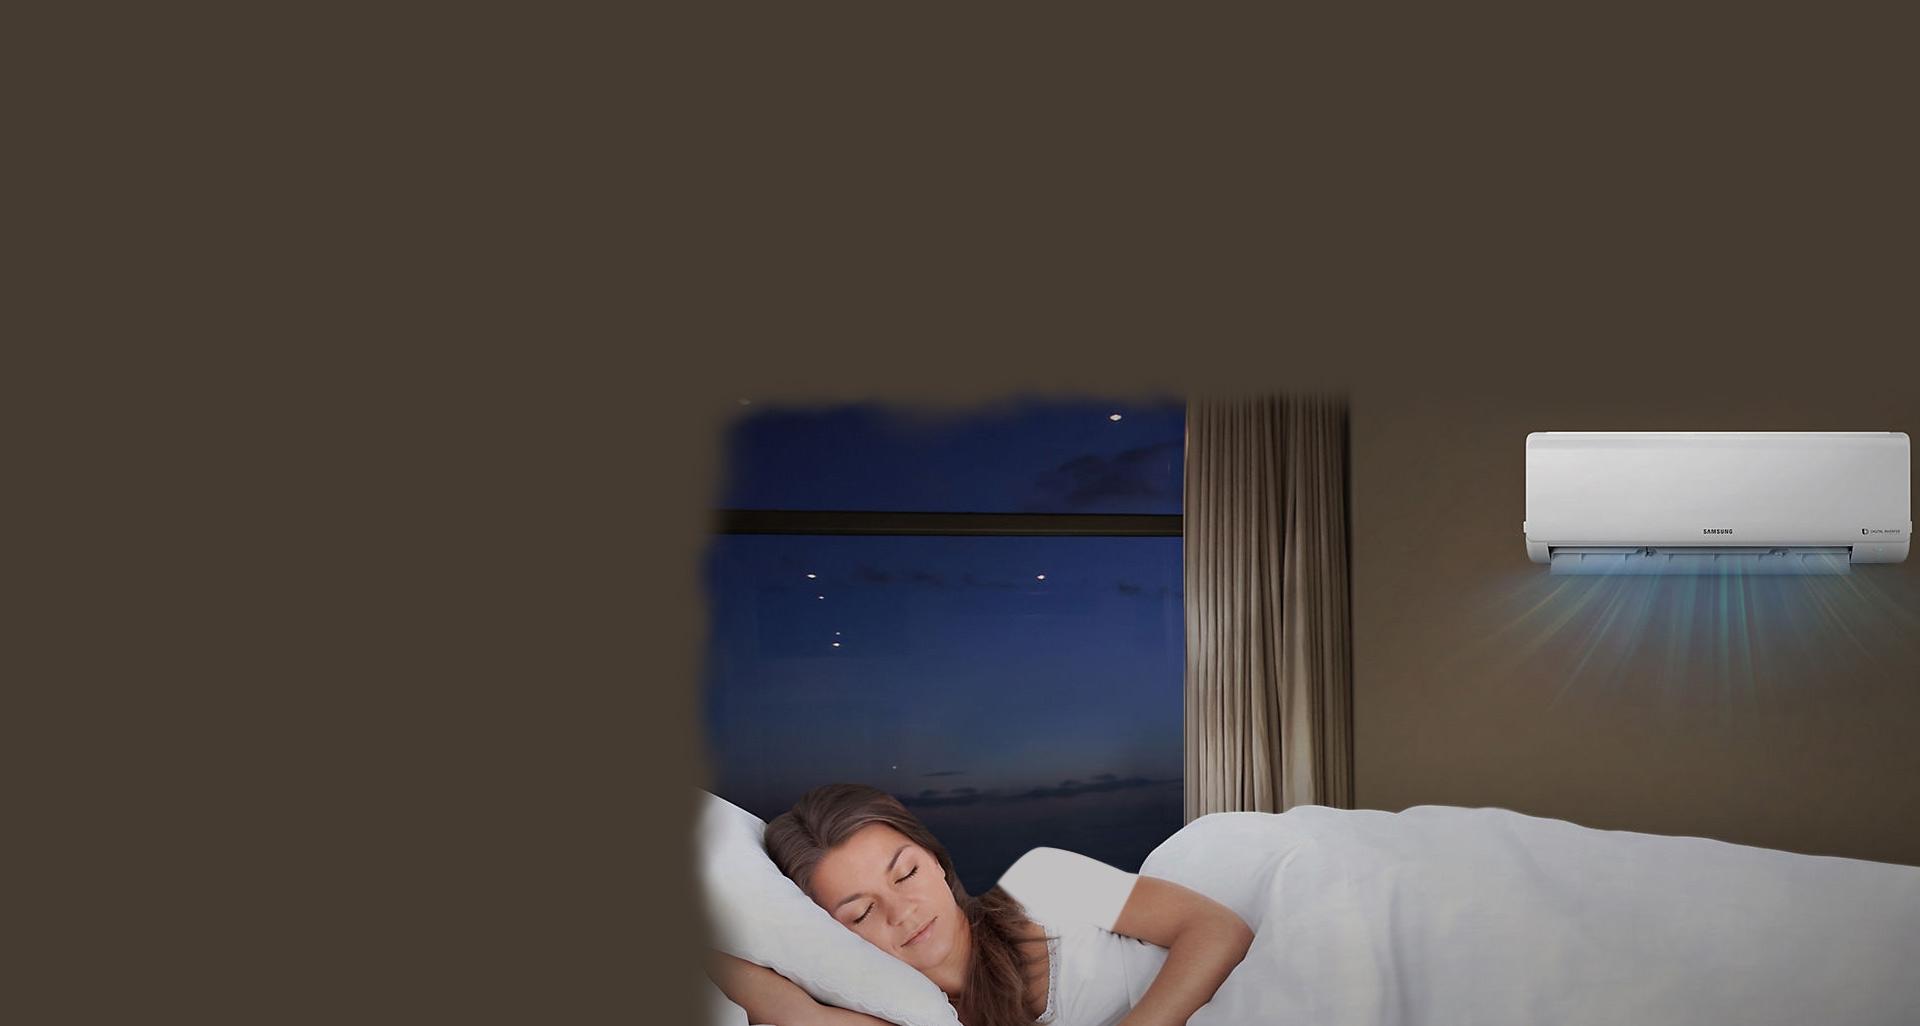 لذت بردن از خواب شبانه به کمک کولر گازی سرد و گرم سامسونگ